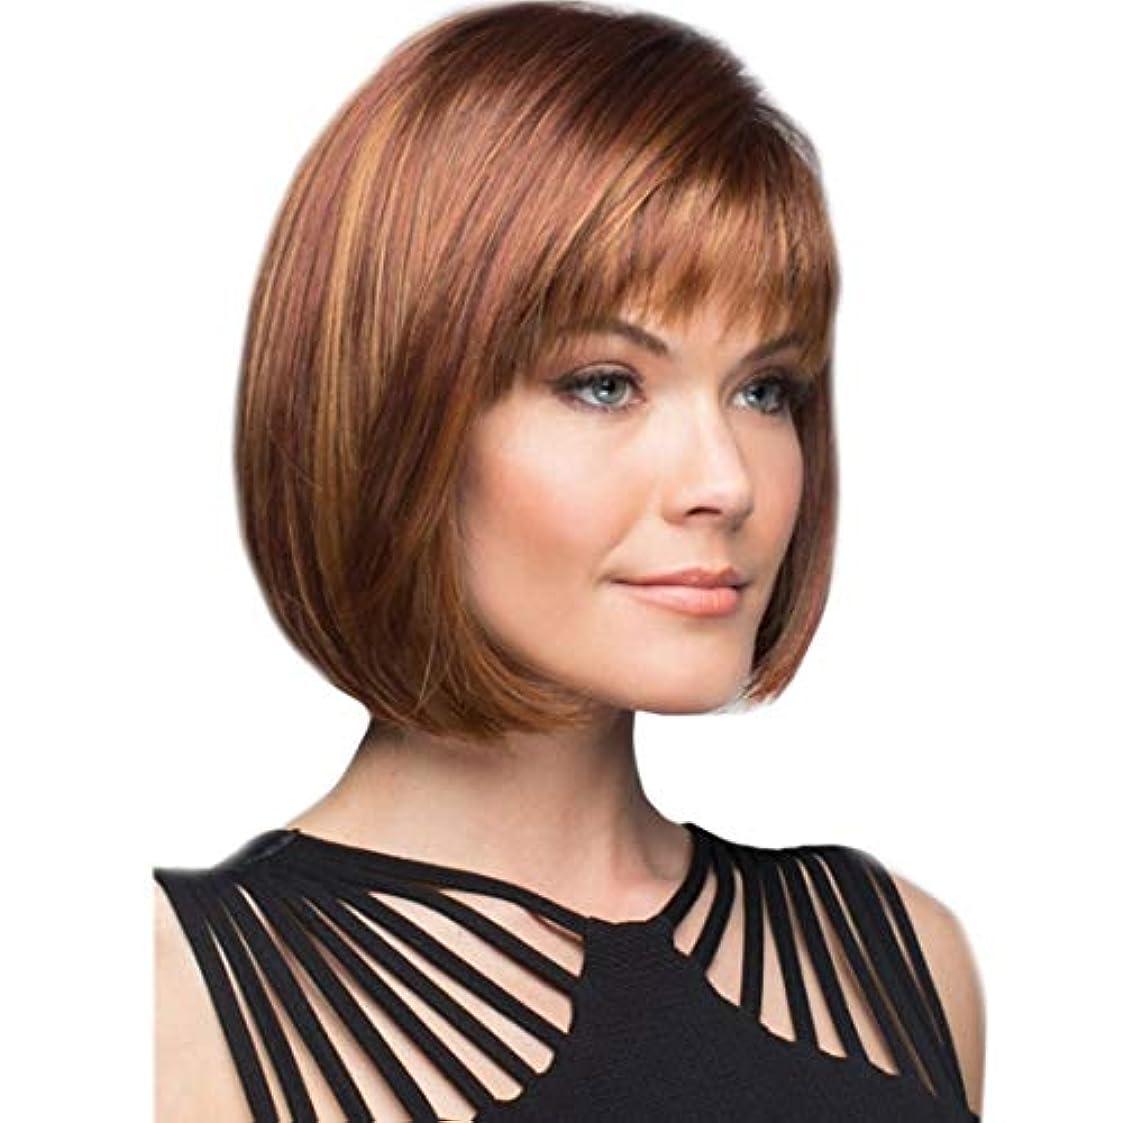 ロバ樹皮エッセイKerwinner ショートボブの髪ウィッグストレート前髪付き合成カラフルなコスプレデイリーパーティーウィッグ本物の髪として自然な女性のための